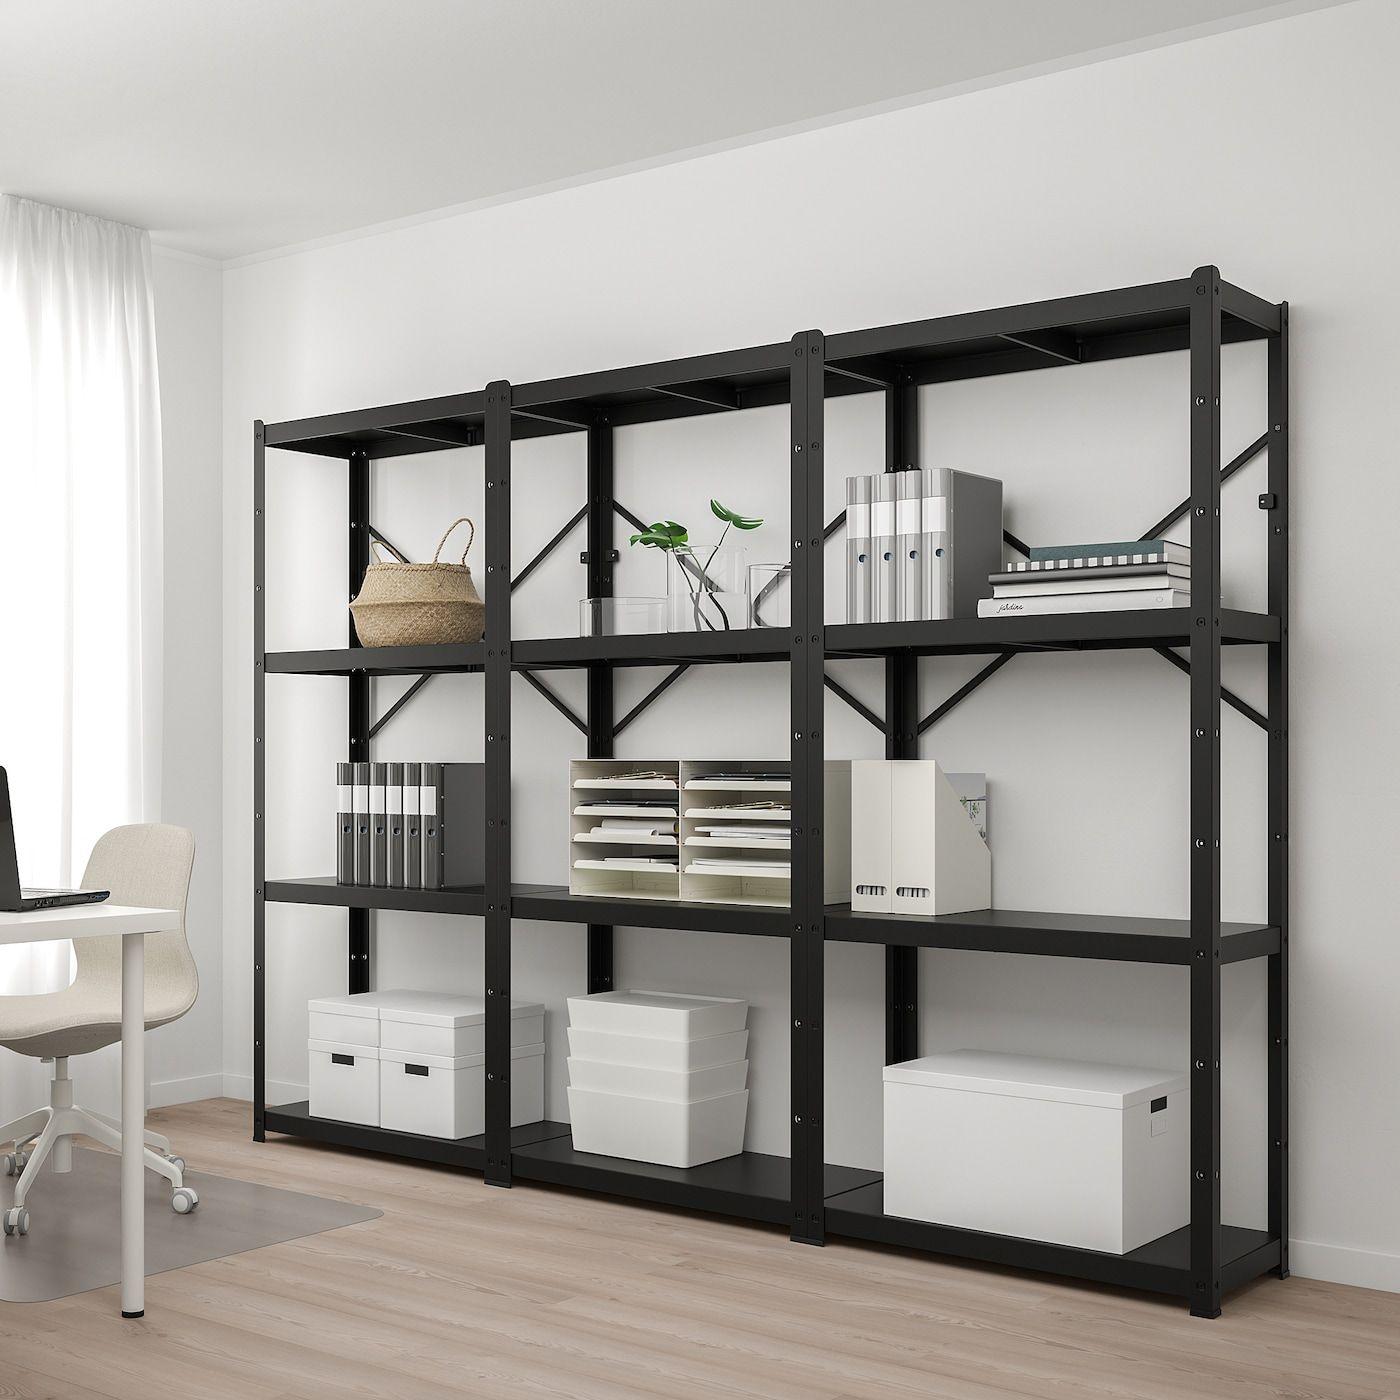 Bror Shelving Unit Black 254x40x190 Cm In 2020 Shelving Unit Shelving Design Shelves